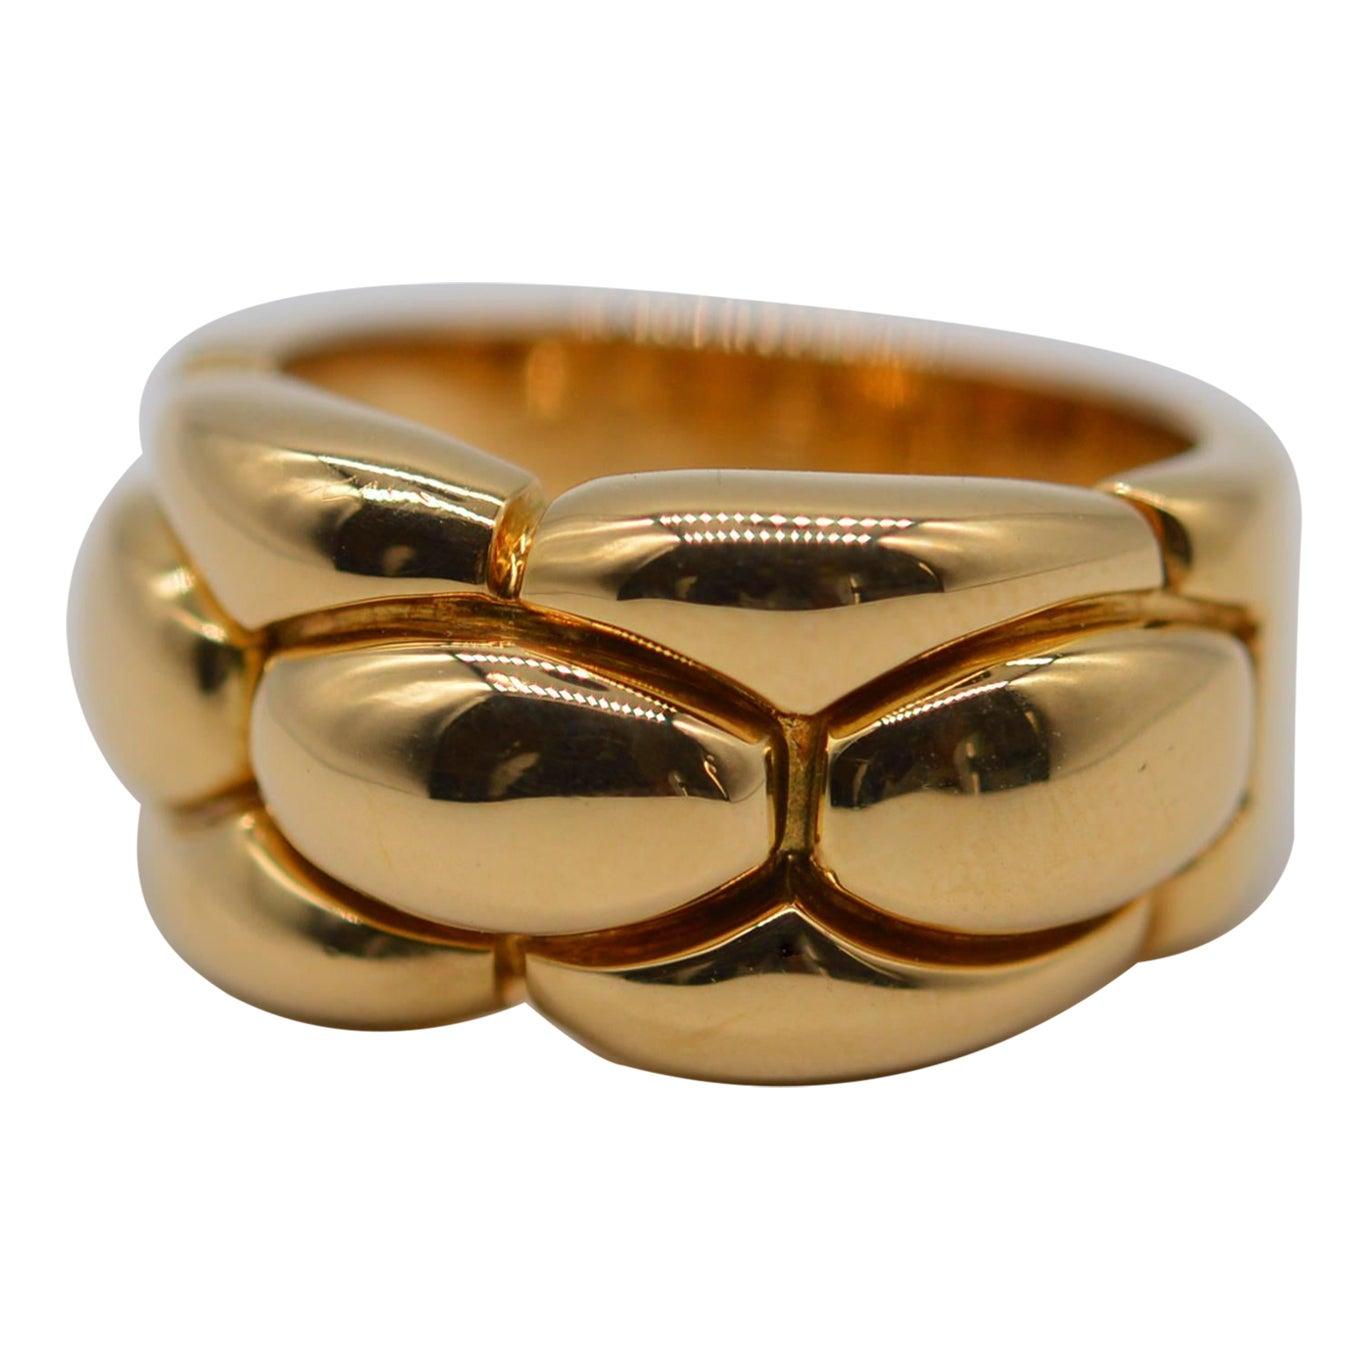 Cartier 18K Yellow Gold Ring Unworn